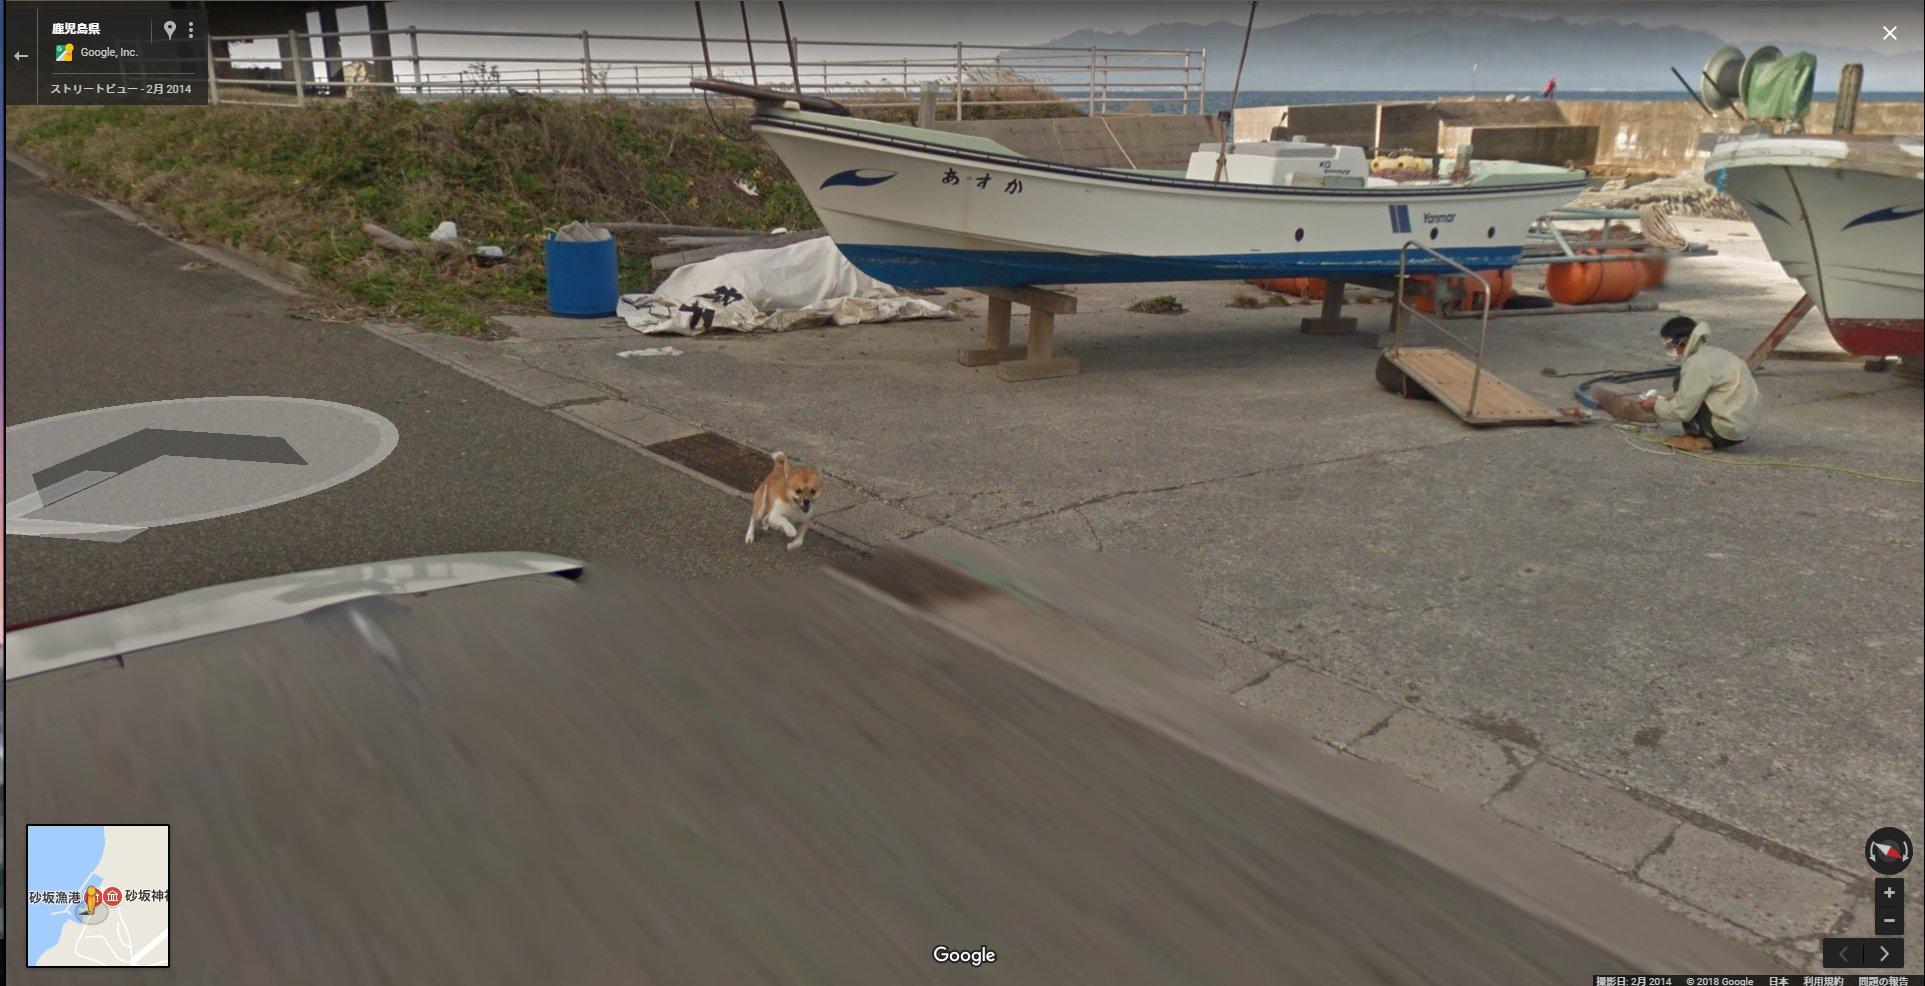 確かに怪しいからねw種子島でgoogleカーをずっと追いかける犬が写っている